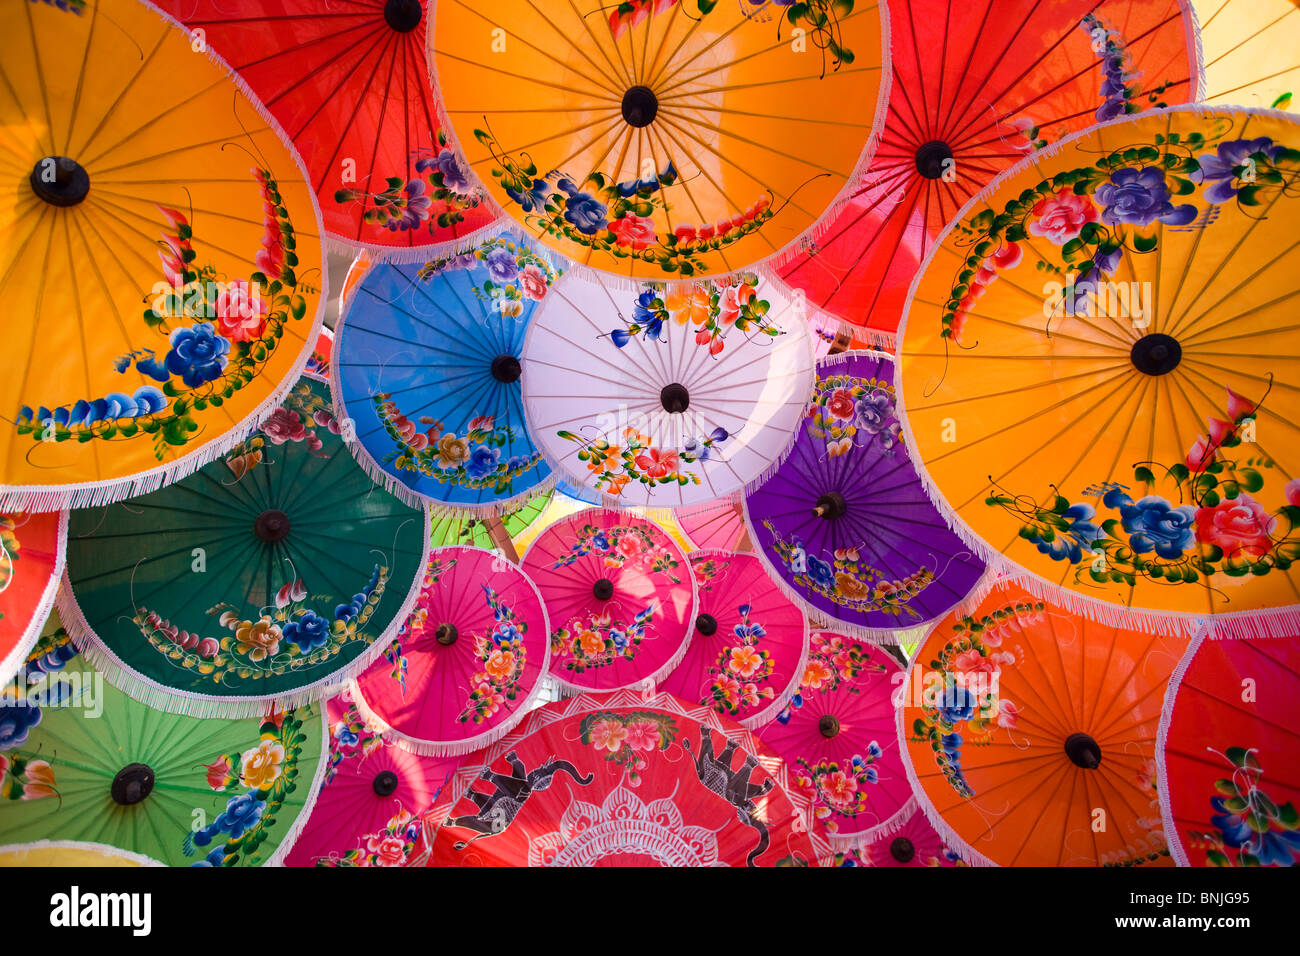 Thailand Chiang Mai Umbrella Display Borsang Village Asia Northern